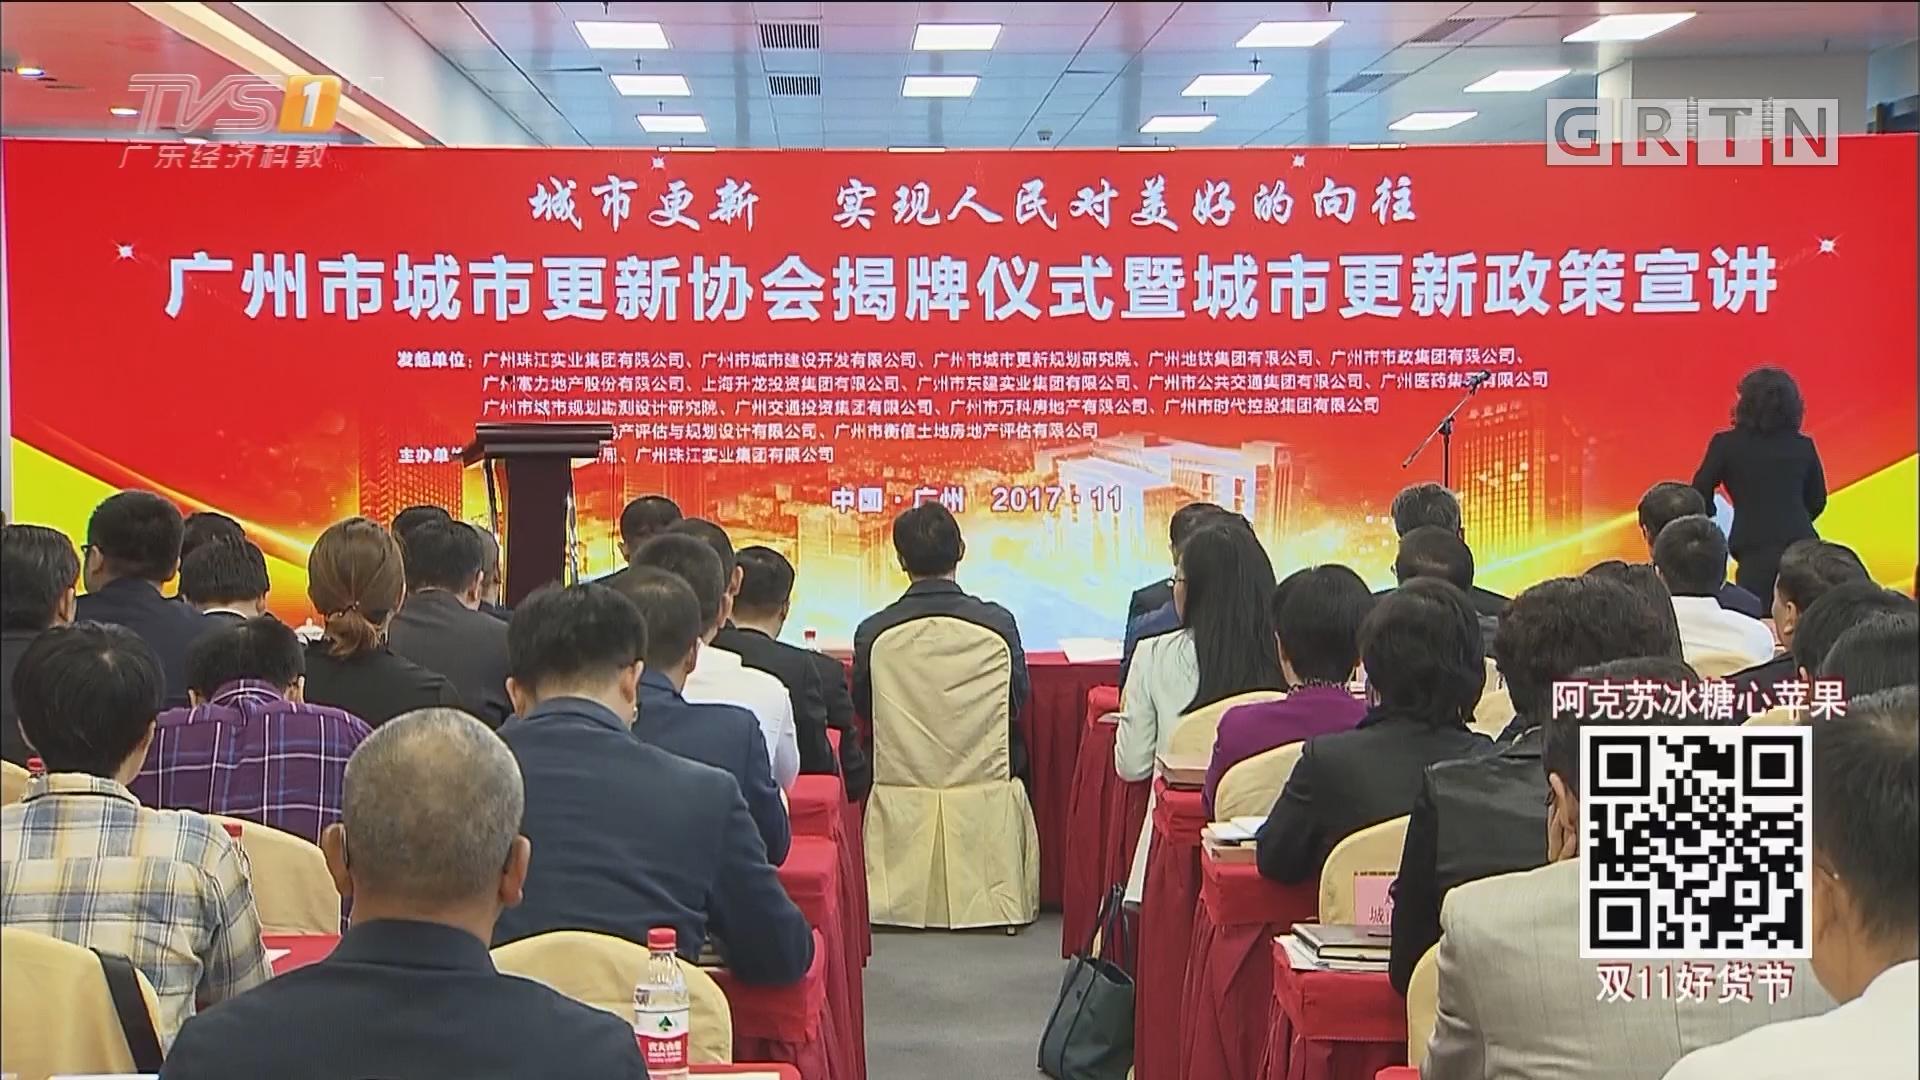 广州市城市更新协会成立 加快更新项目落地